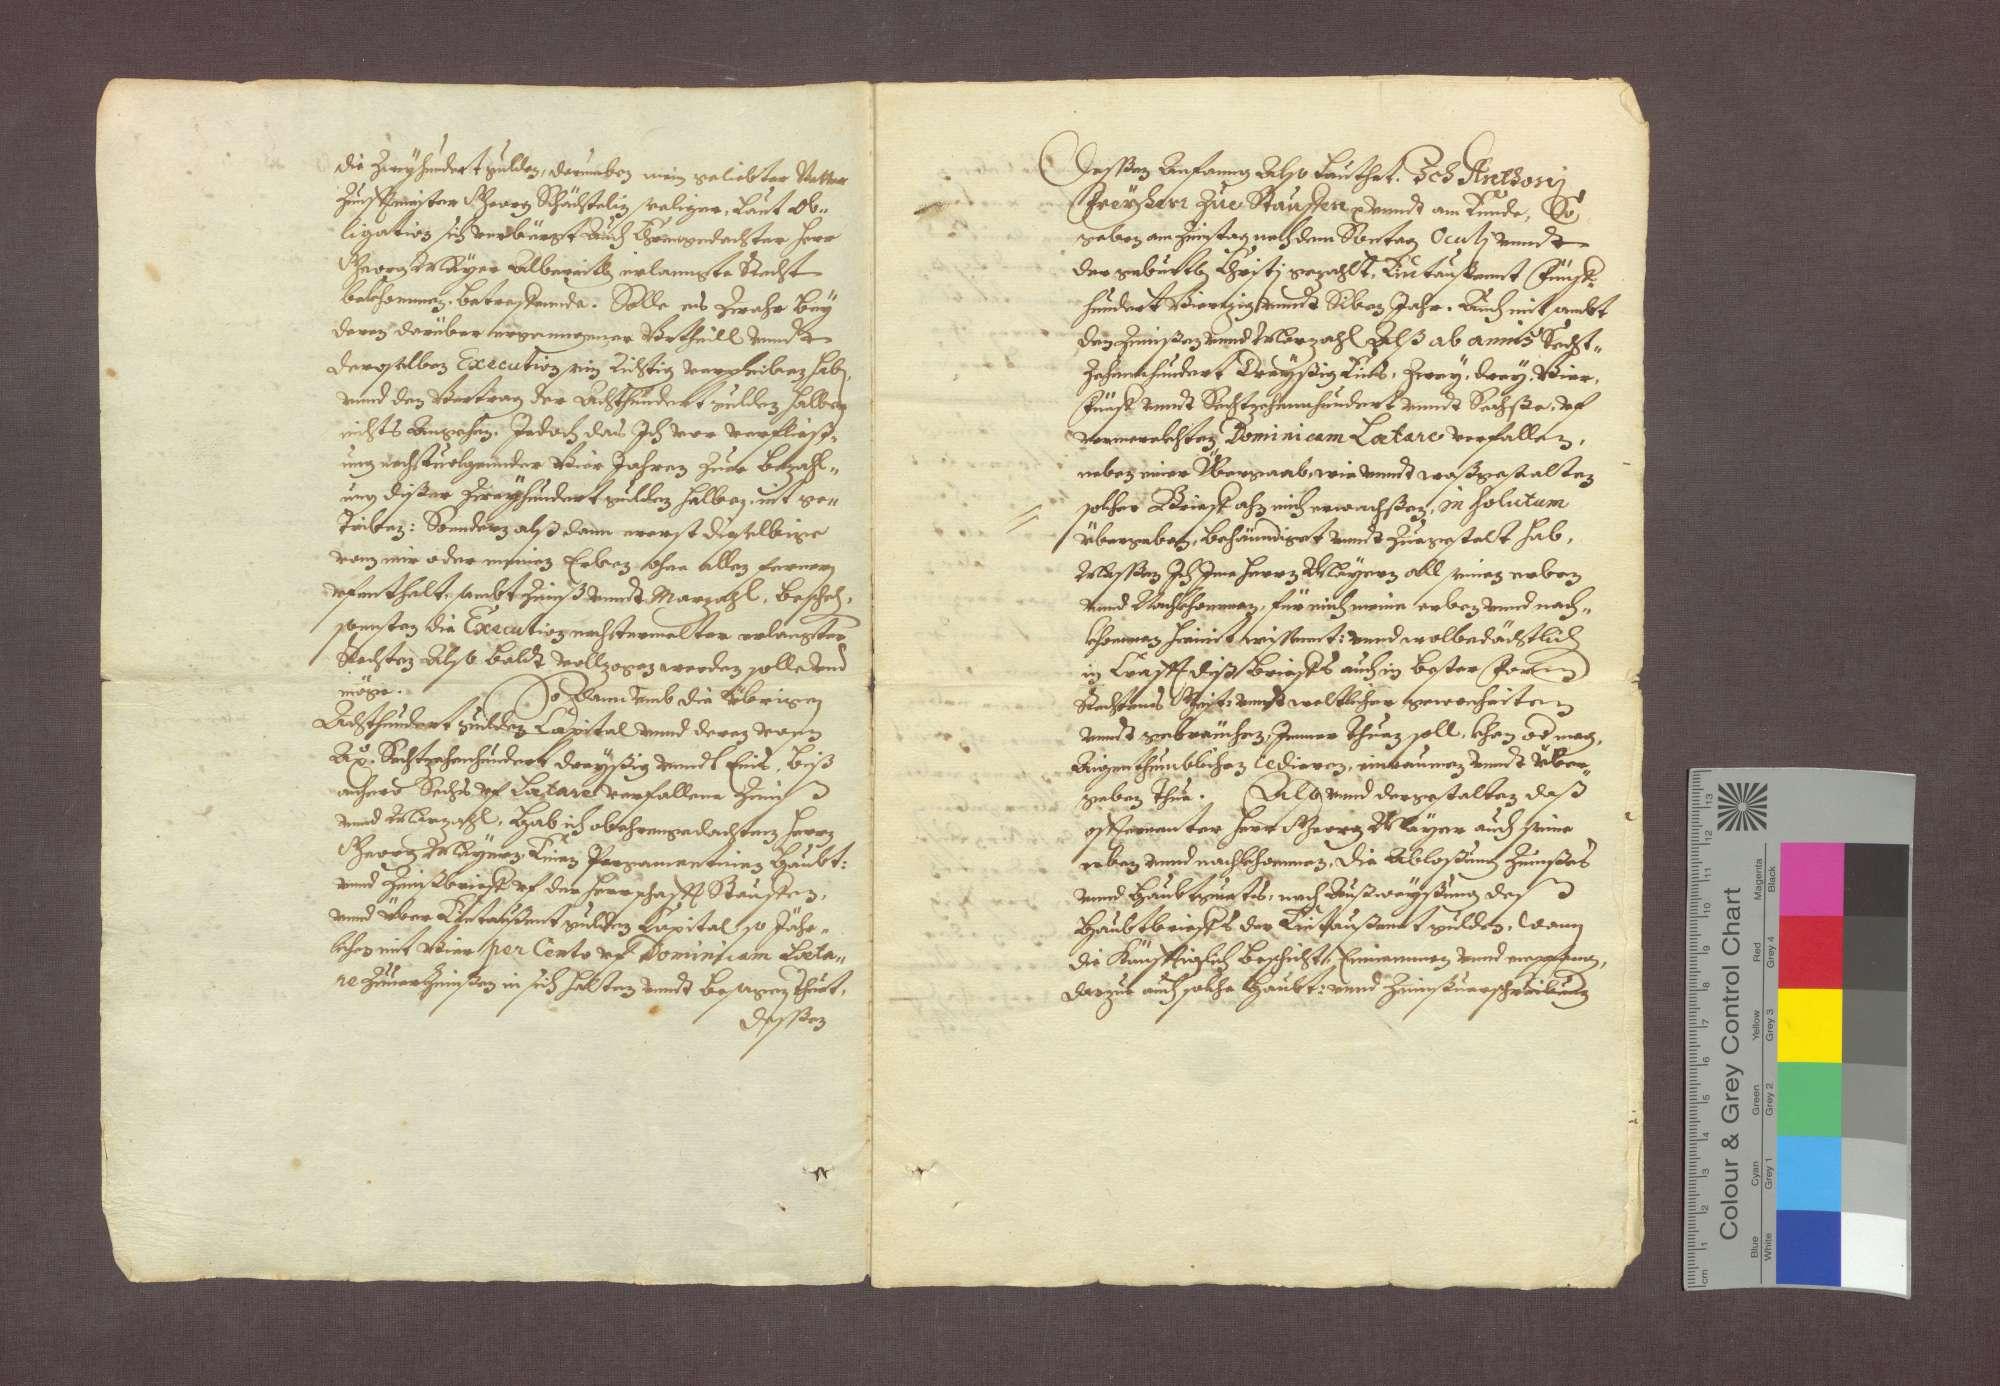 Mathias Schächtelin zu Freiburg übergibt dem Altobristmeister Georg Mayer daselbst eine Schuldforderung gegenüber dem Freiherrn Anton von Staufen., Bild 2